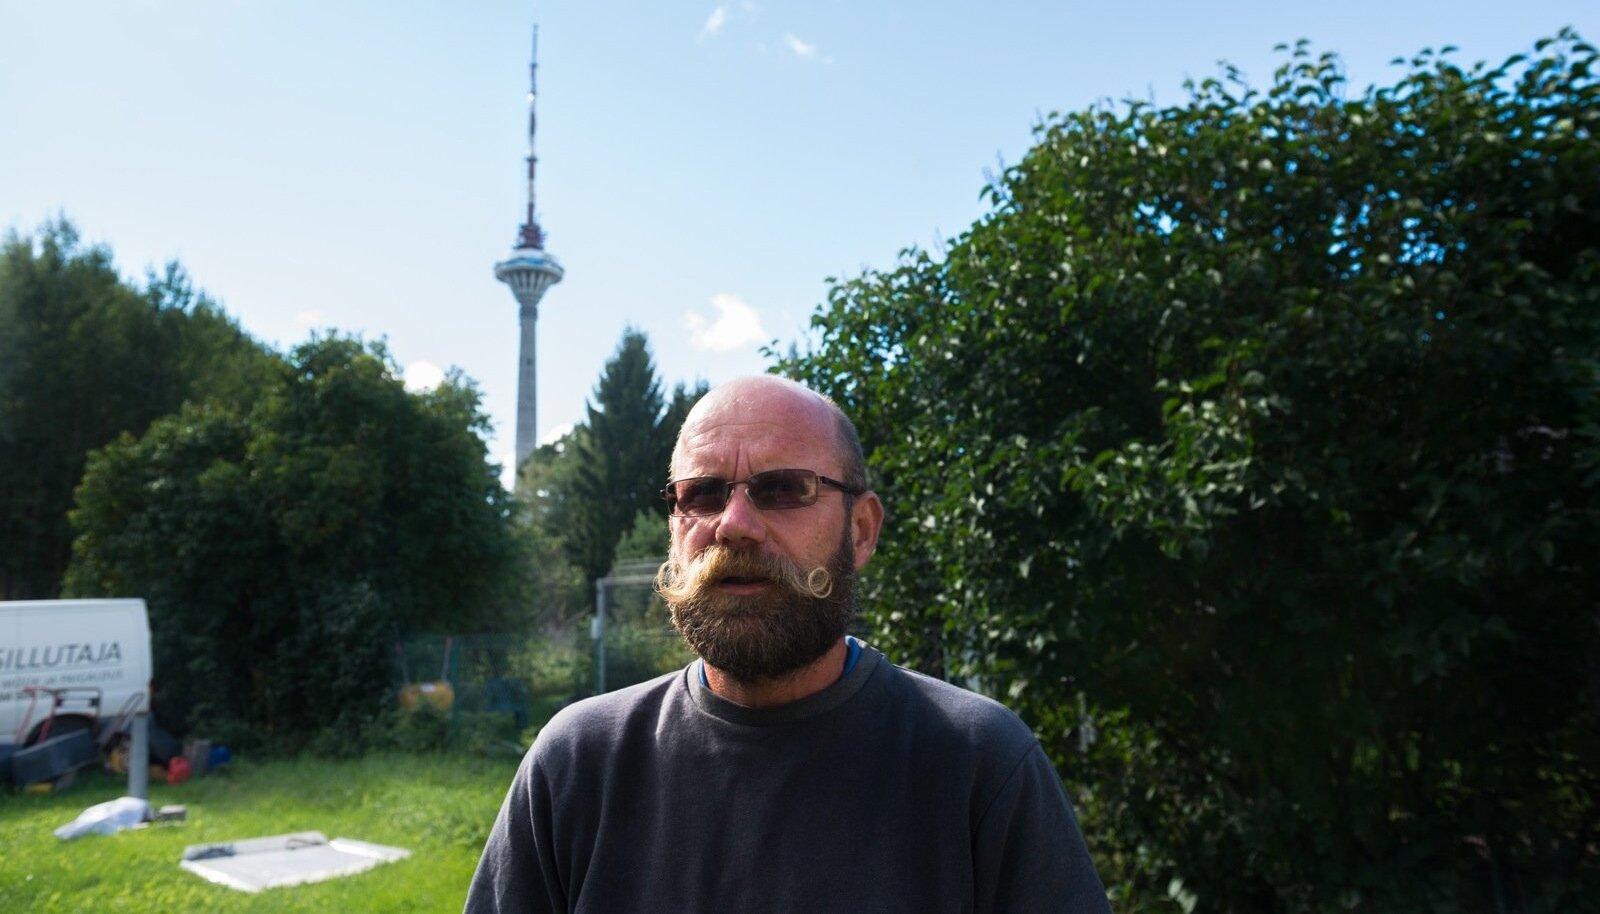 Priidik käis 25 aastat tagasi läbi selja taga asuva metsatuka luuramas, mis torni all täpsemalt toimub. Vaade teletornile kaunistab tema koduhoovi tänaseni.